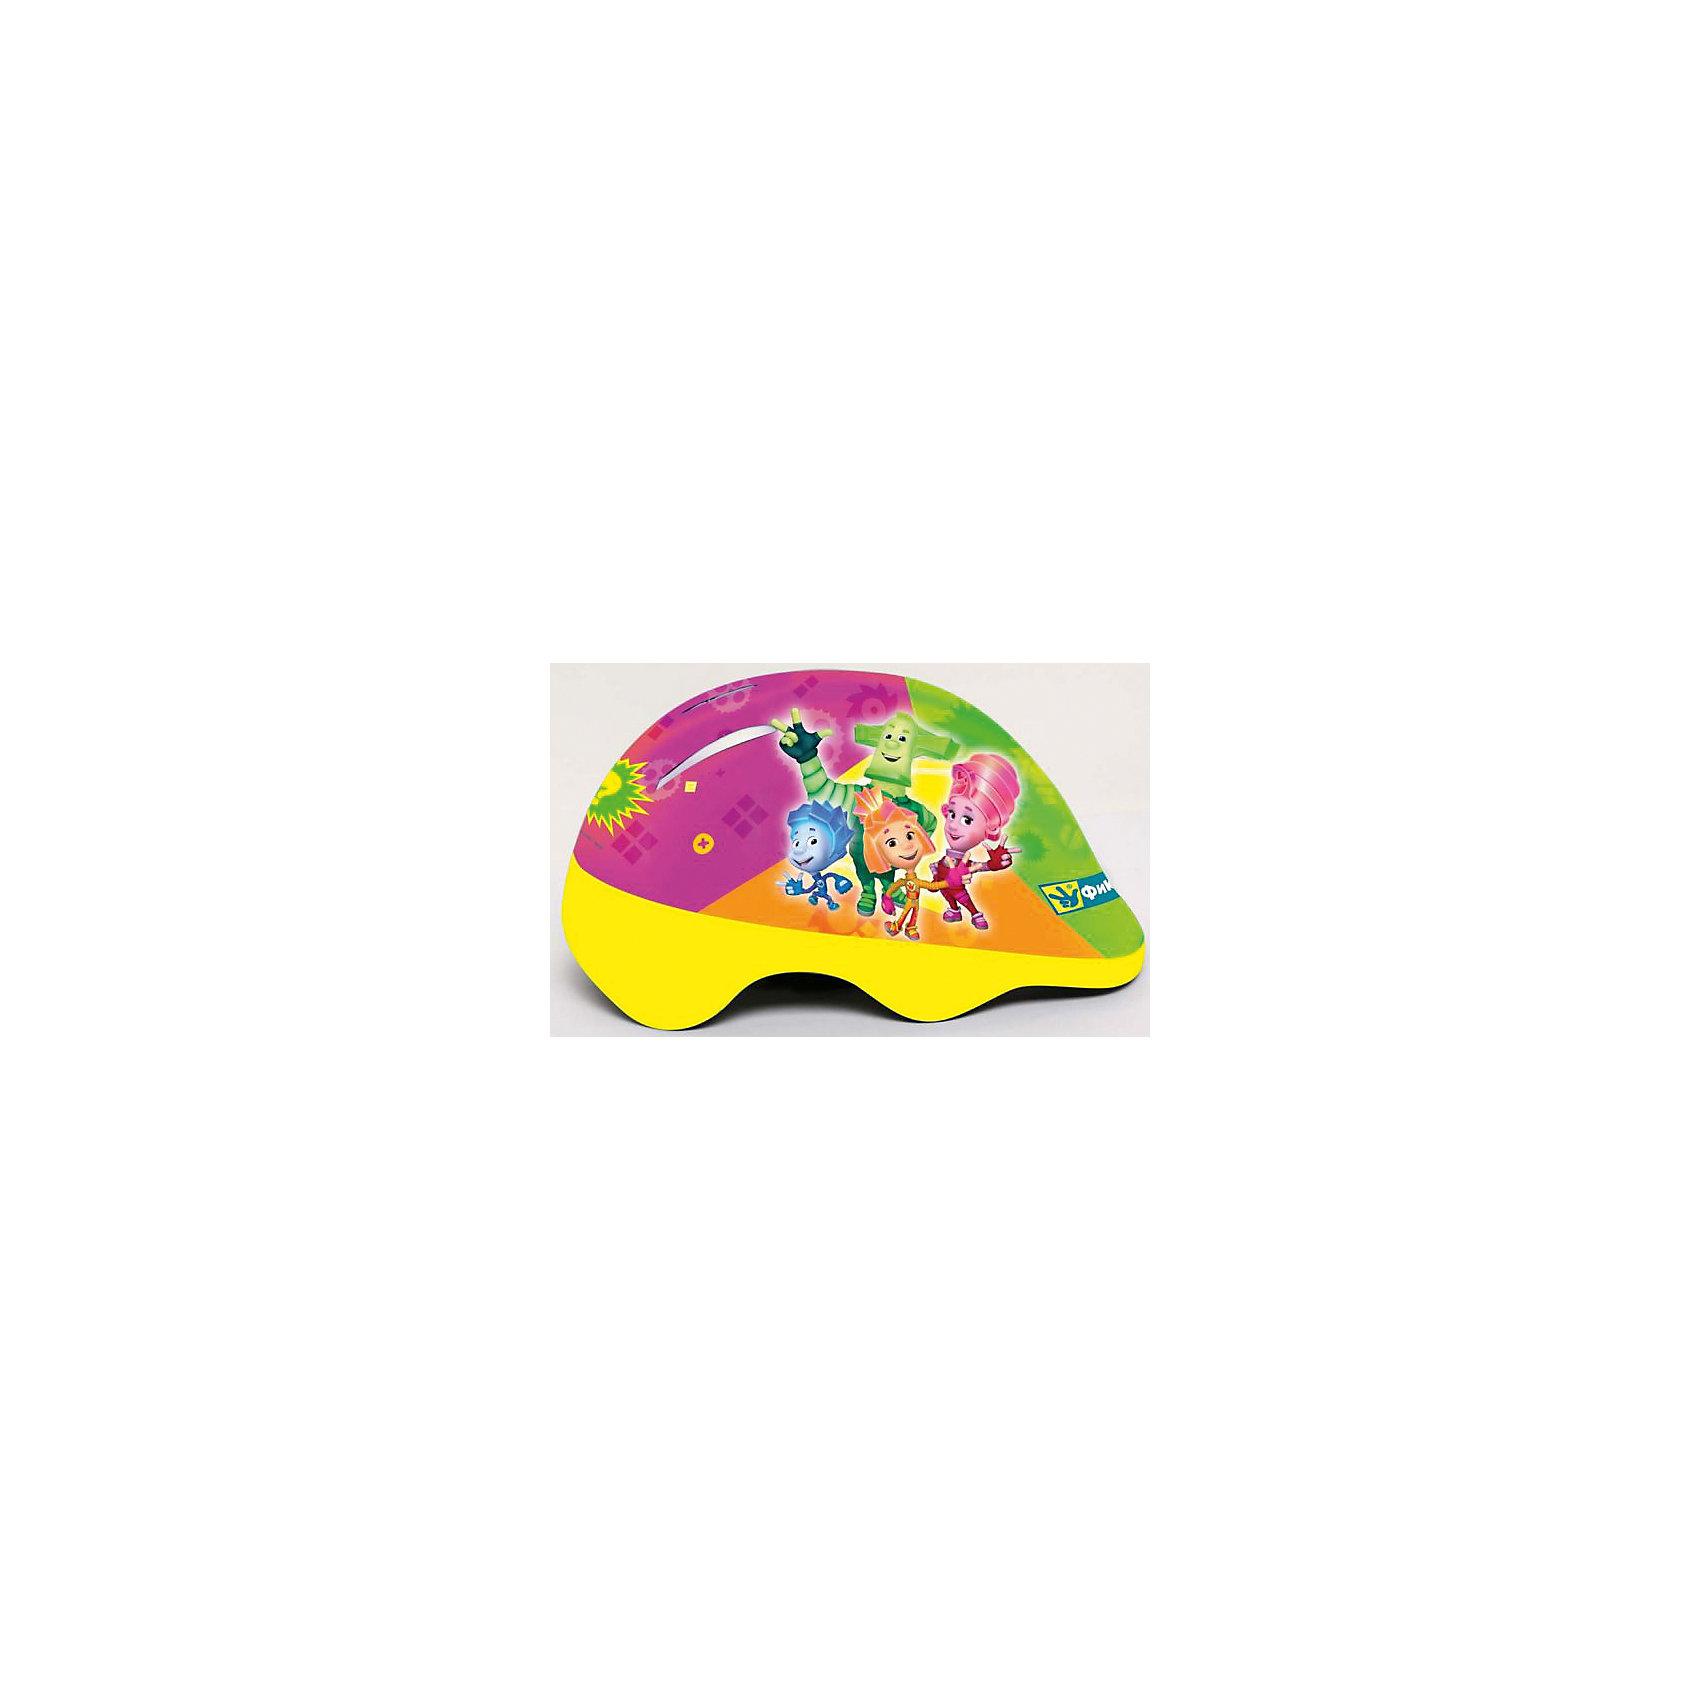 Next Шлем, р-р М, Фиксики купить 2 шку в поселке львовский подольского р на